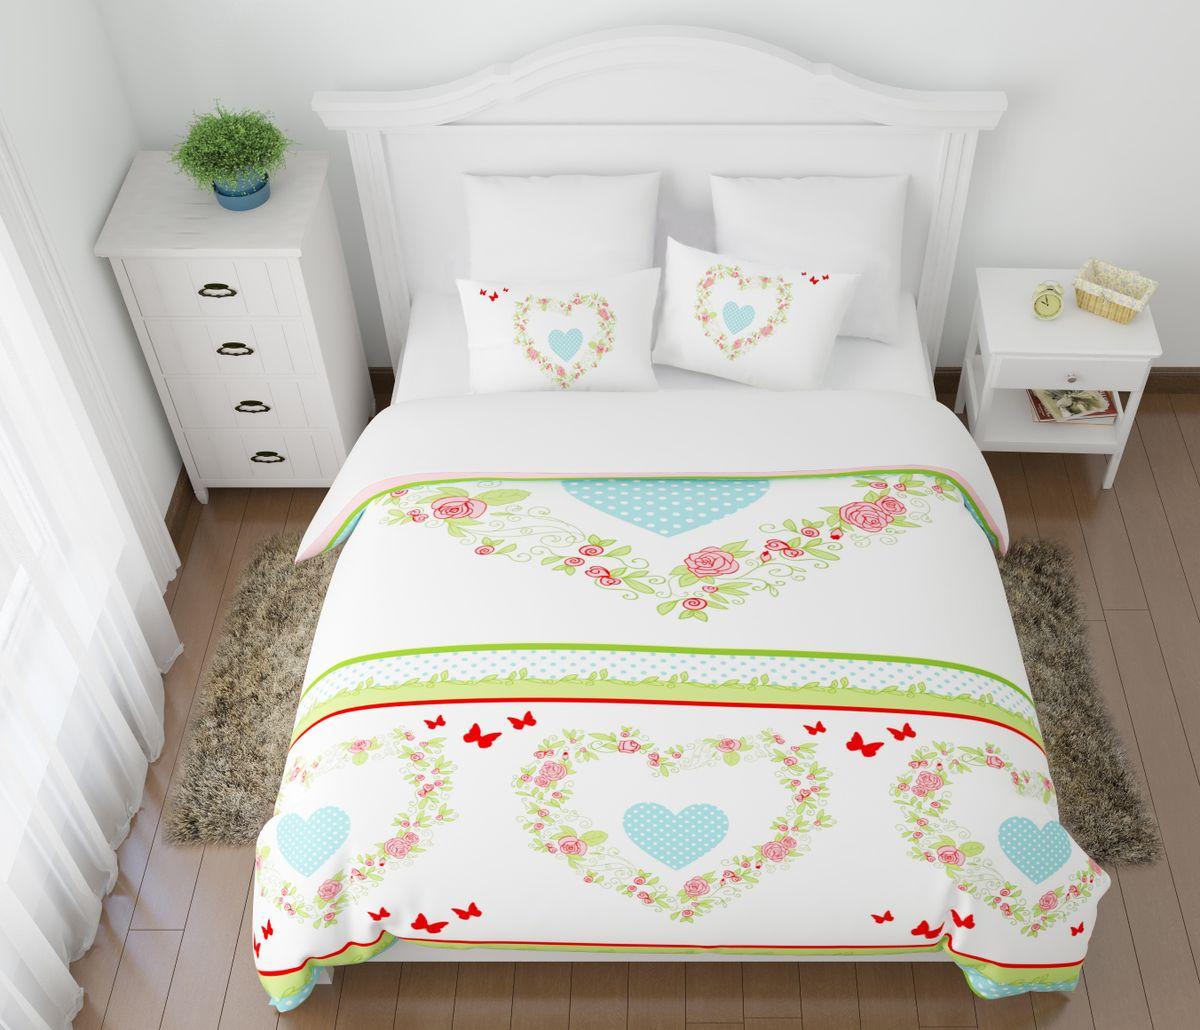 Комплект белья Сирень Мона, 1,5-спальный, наволочки 50x7003983-КПБ-МКомплект постельного белья Сирень выполнен из прочной и мягкой ткани. Четкий и стильный рисунок в сочетании с насыщенными красками делают комплект постельного белья неповторимой изюминкой любого интерьера. Постельное белье идеально подойдет для подарка. Идеальное соотношение смешенной ткани и гипоаллергенных красок это гарантия здорового, спокойного сна. Ткань хорошо впитывает влагу, надолго сохраняет яркость красок. Цвет простыни, пододеяльника, наволочки в комплектации может немного отличаться от представленного на фото. В комплект входят: простынь - 150х220см; пододельяник 145х210 см; наволочка - 50х70х2шт. Постельное белье легко стирать при 30-40 градусах, гладить при 150 градусах, не отбеливать.Рекомендуется перед первым изпользованием постирать.